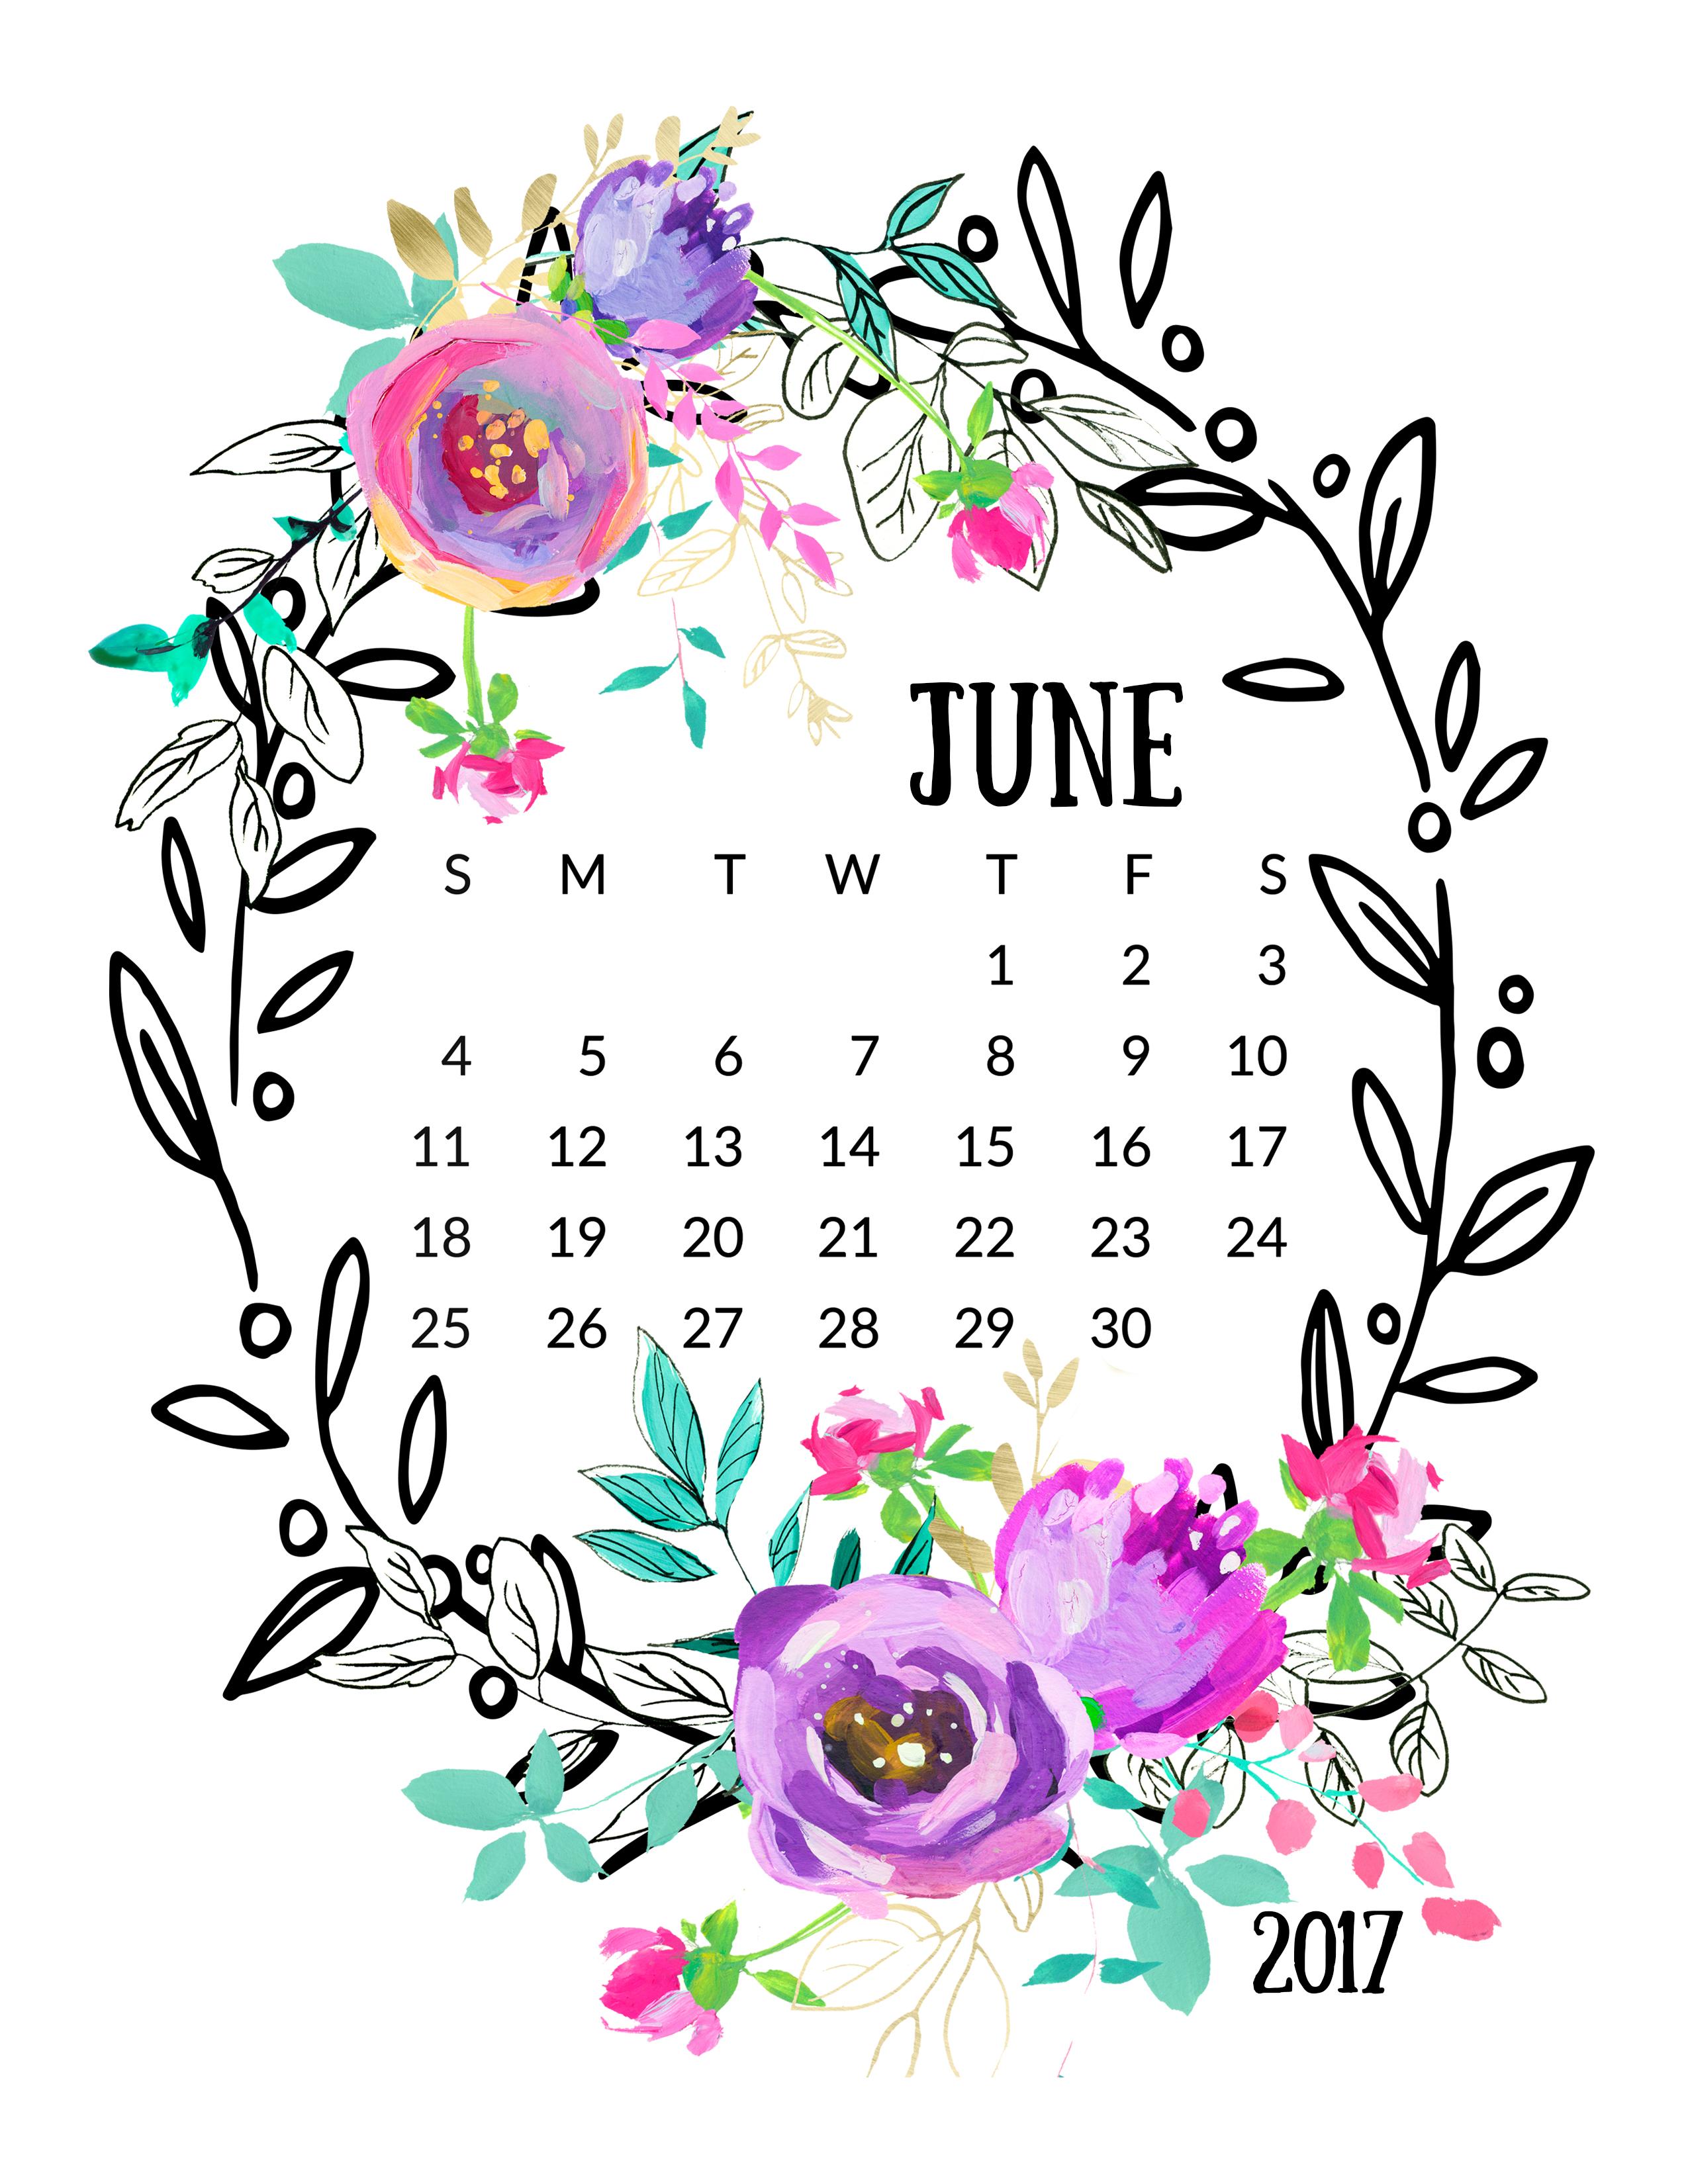 Calendar clipart april 2017, Calendar april 2017 Transparent.